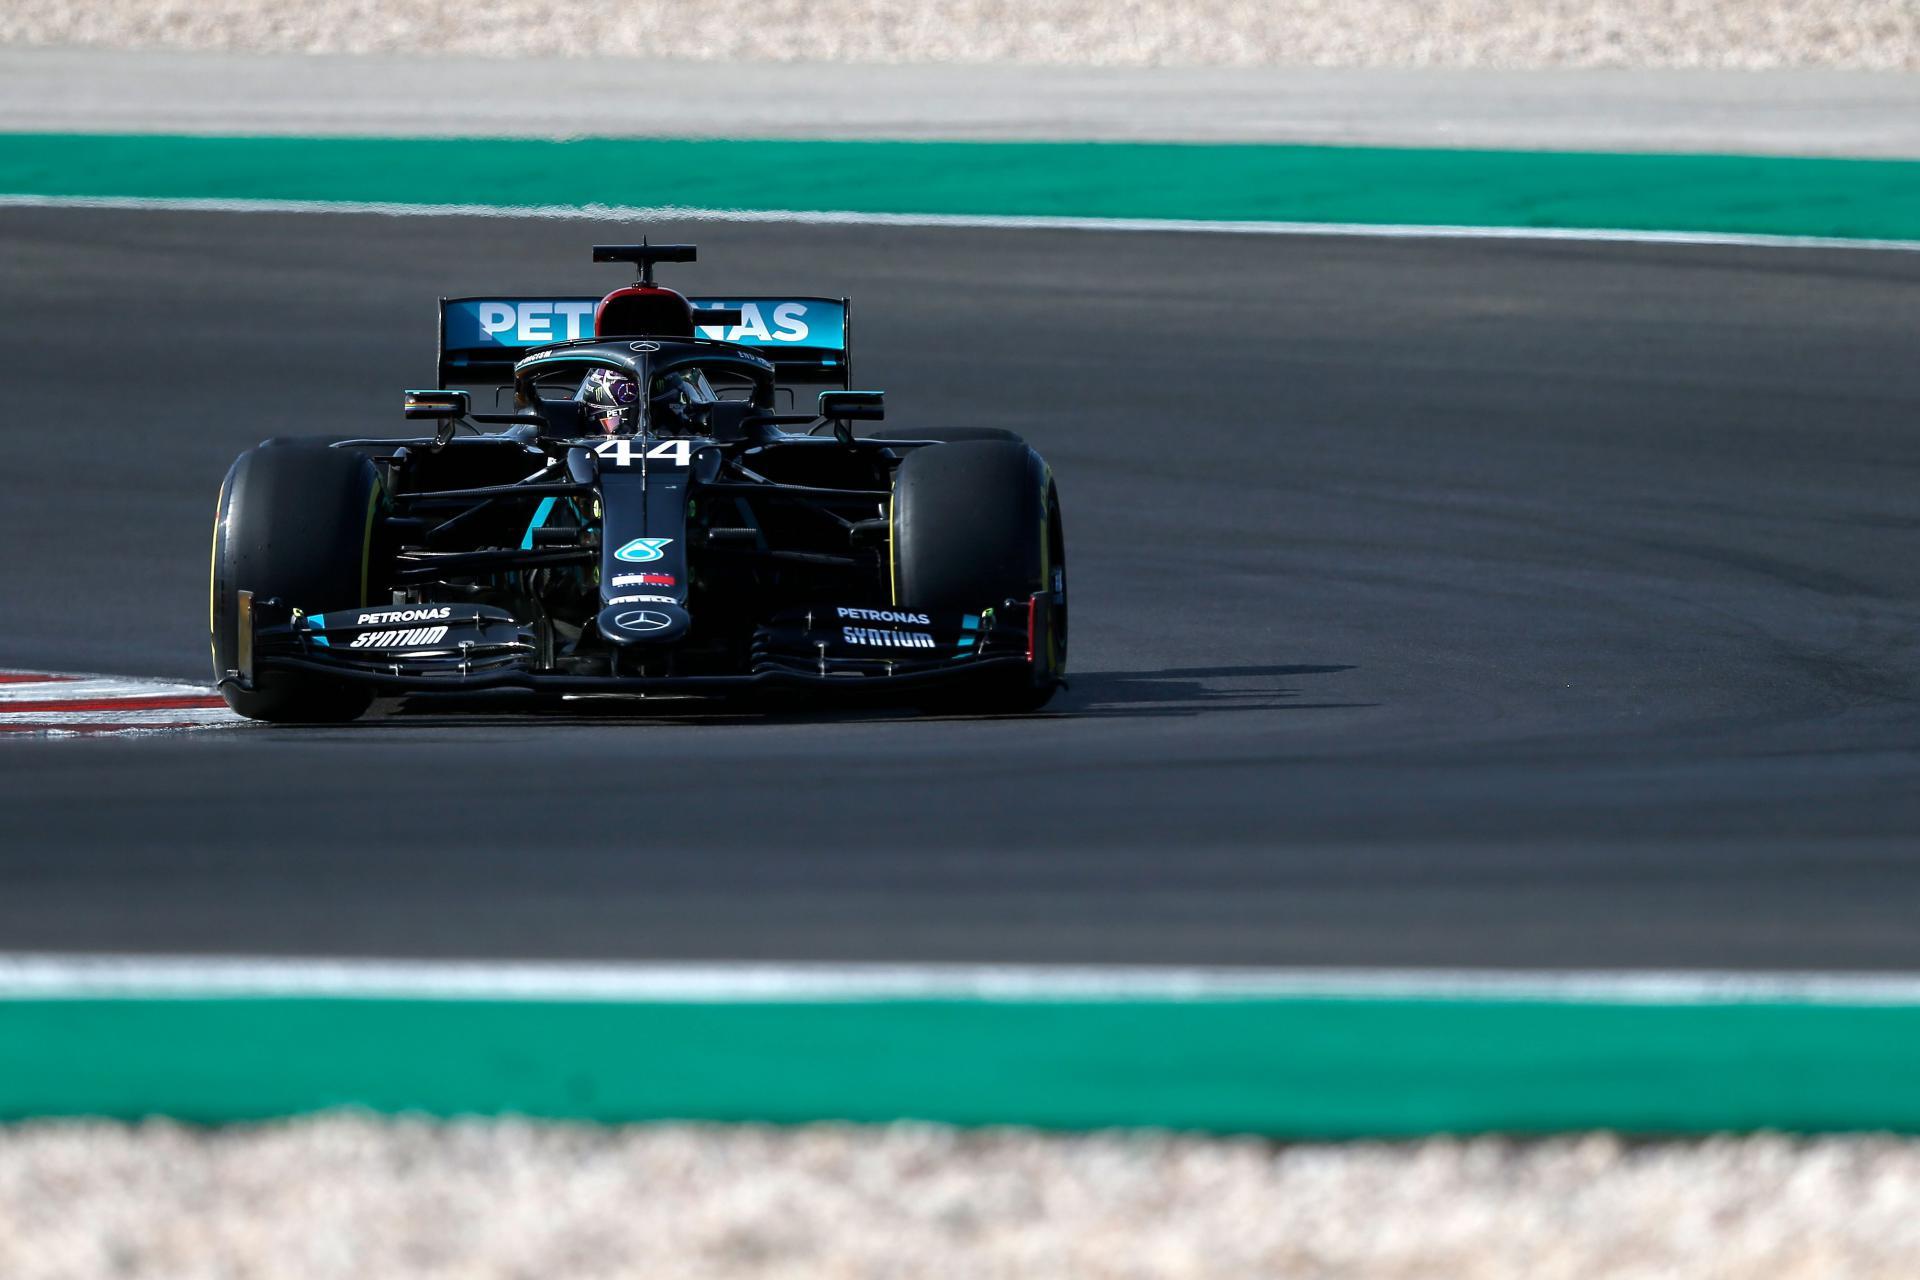 Lewsi Hamilton ostvario 97. 'pole position' u svojoj karijeri, Bottas zauzeo drugo mjesto u kvalifikacijama